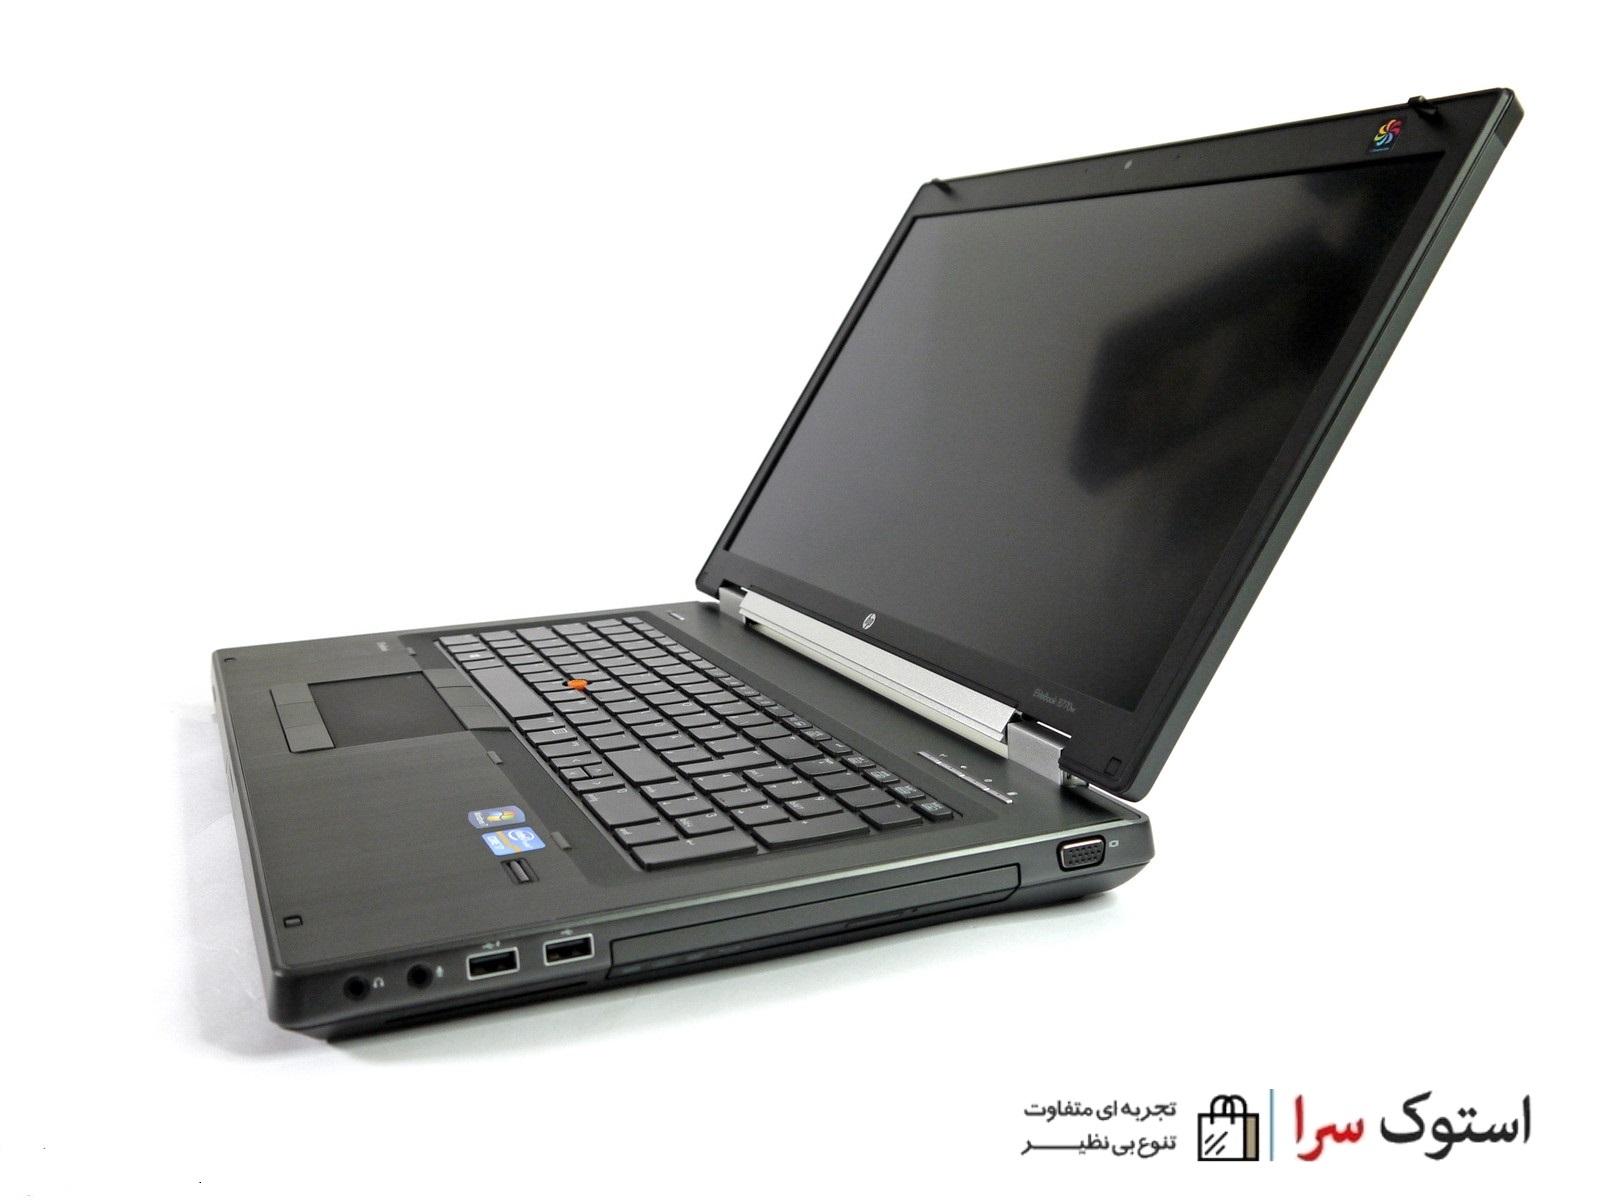 لپ تاپ,لپ تاپ استوک,لپ تاپ کارکرده,لپ تاپ دست دوم,اپ تاپ اچ پي,لپ تاپ HP 8770w-i7,لپ تاپ استوک HP 8770w-i7,لپ تاپ دست دوم HP 8770w-i7,لپ تاپ کارکرده HP 8770w-i7,HP 8770w-i7 قيمت,HP 8770w-i7 لپ تاپ,HP 8770w-i7 استوک,HP 8770w-i7 دست دوم,HP 8770w-i7 در حد نو,HP 8770w-i7 کارکرده